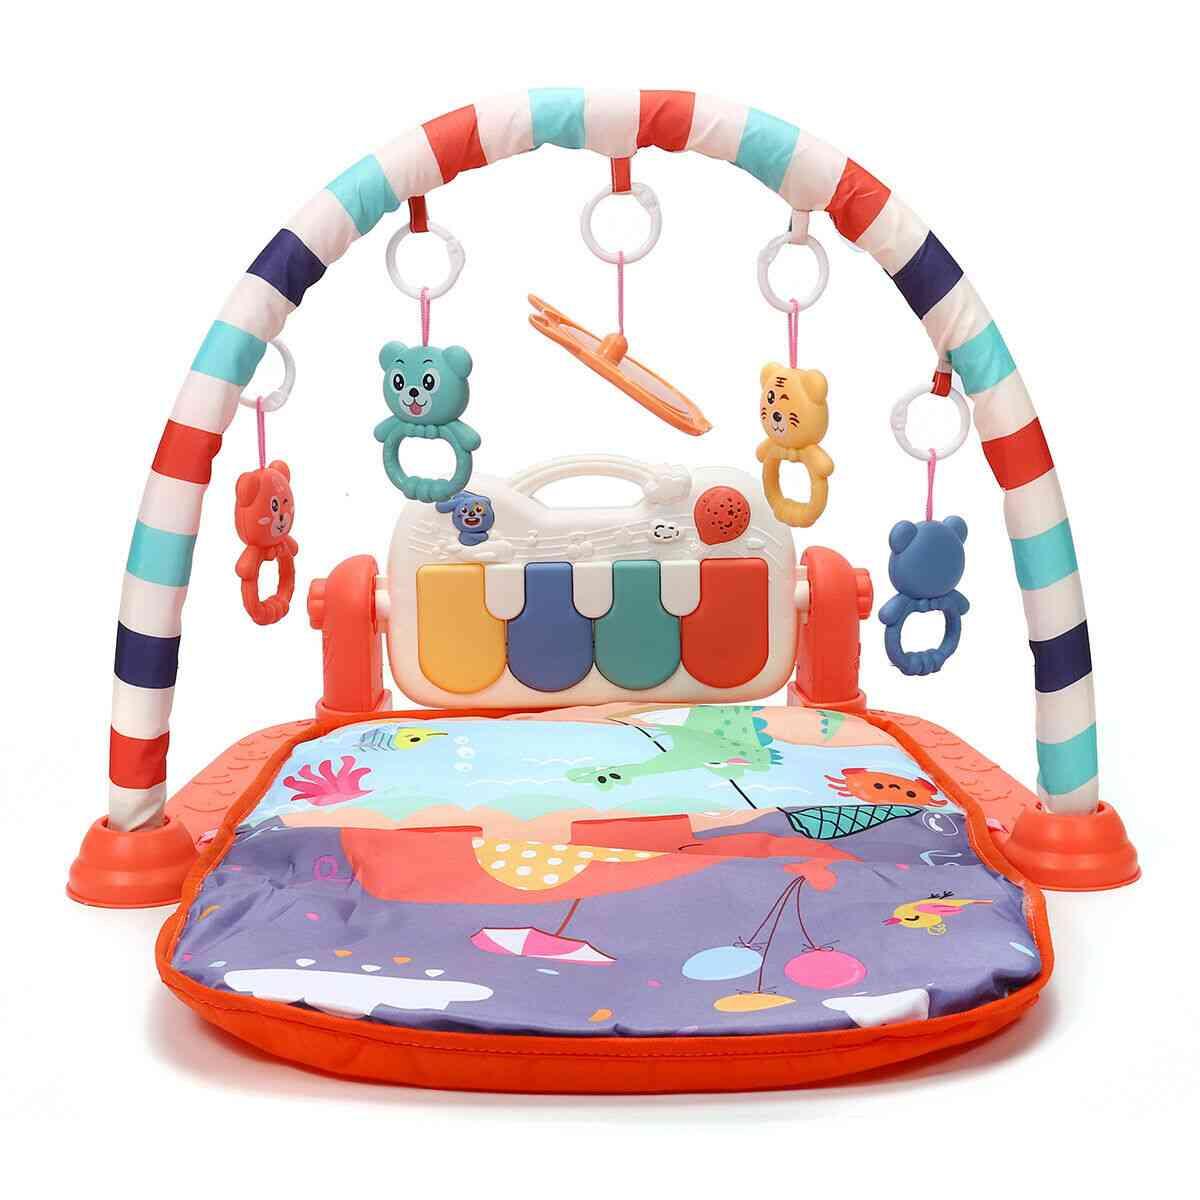 Children's Play Mat - Soft Rattles Musical For Babies Games